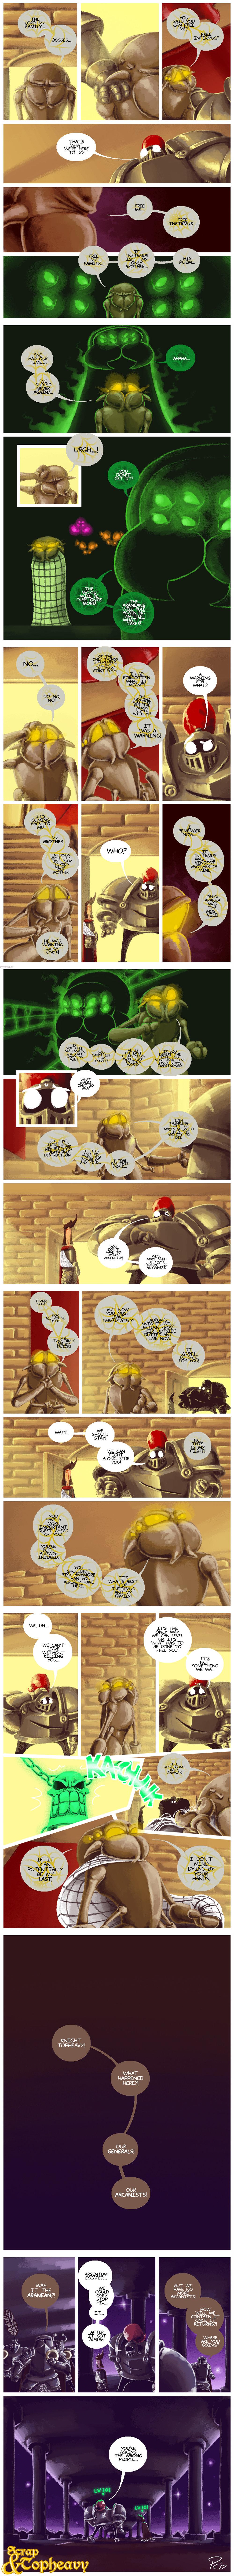 comic51.jpg